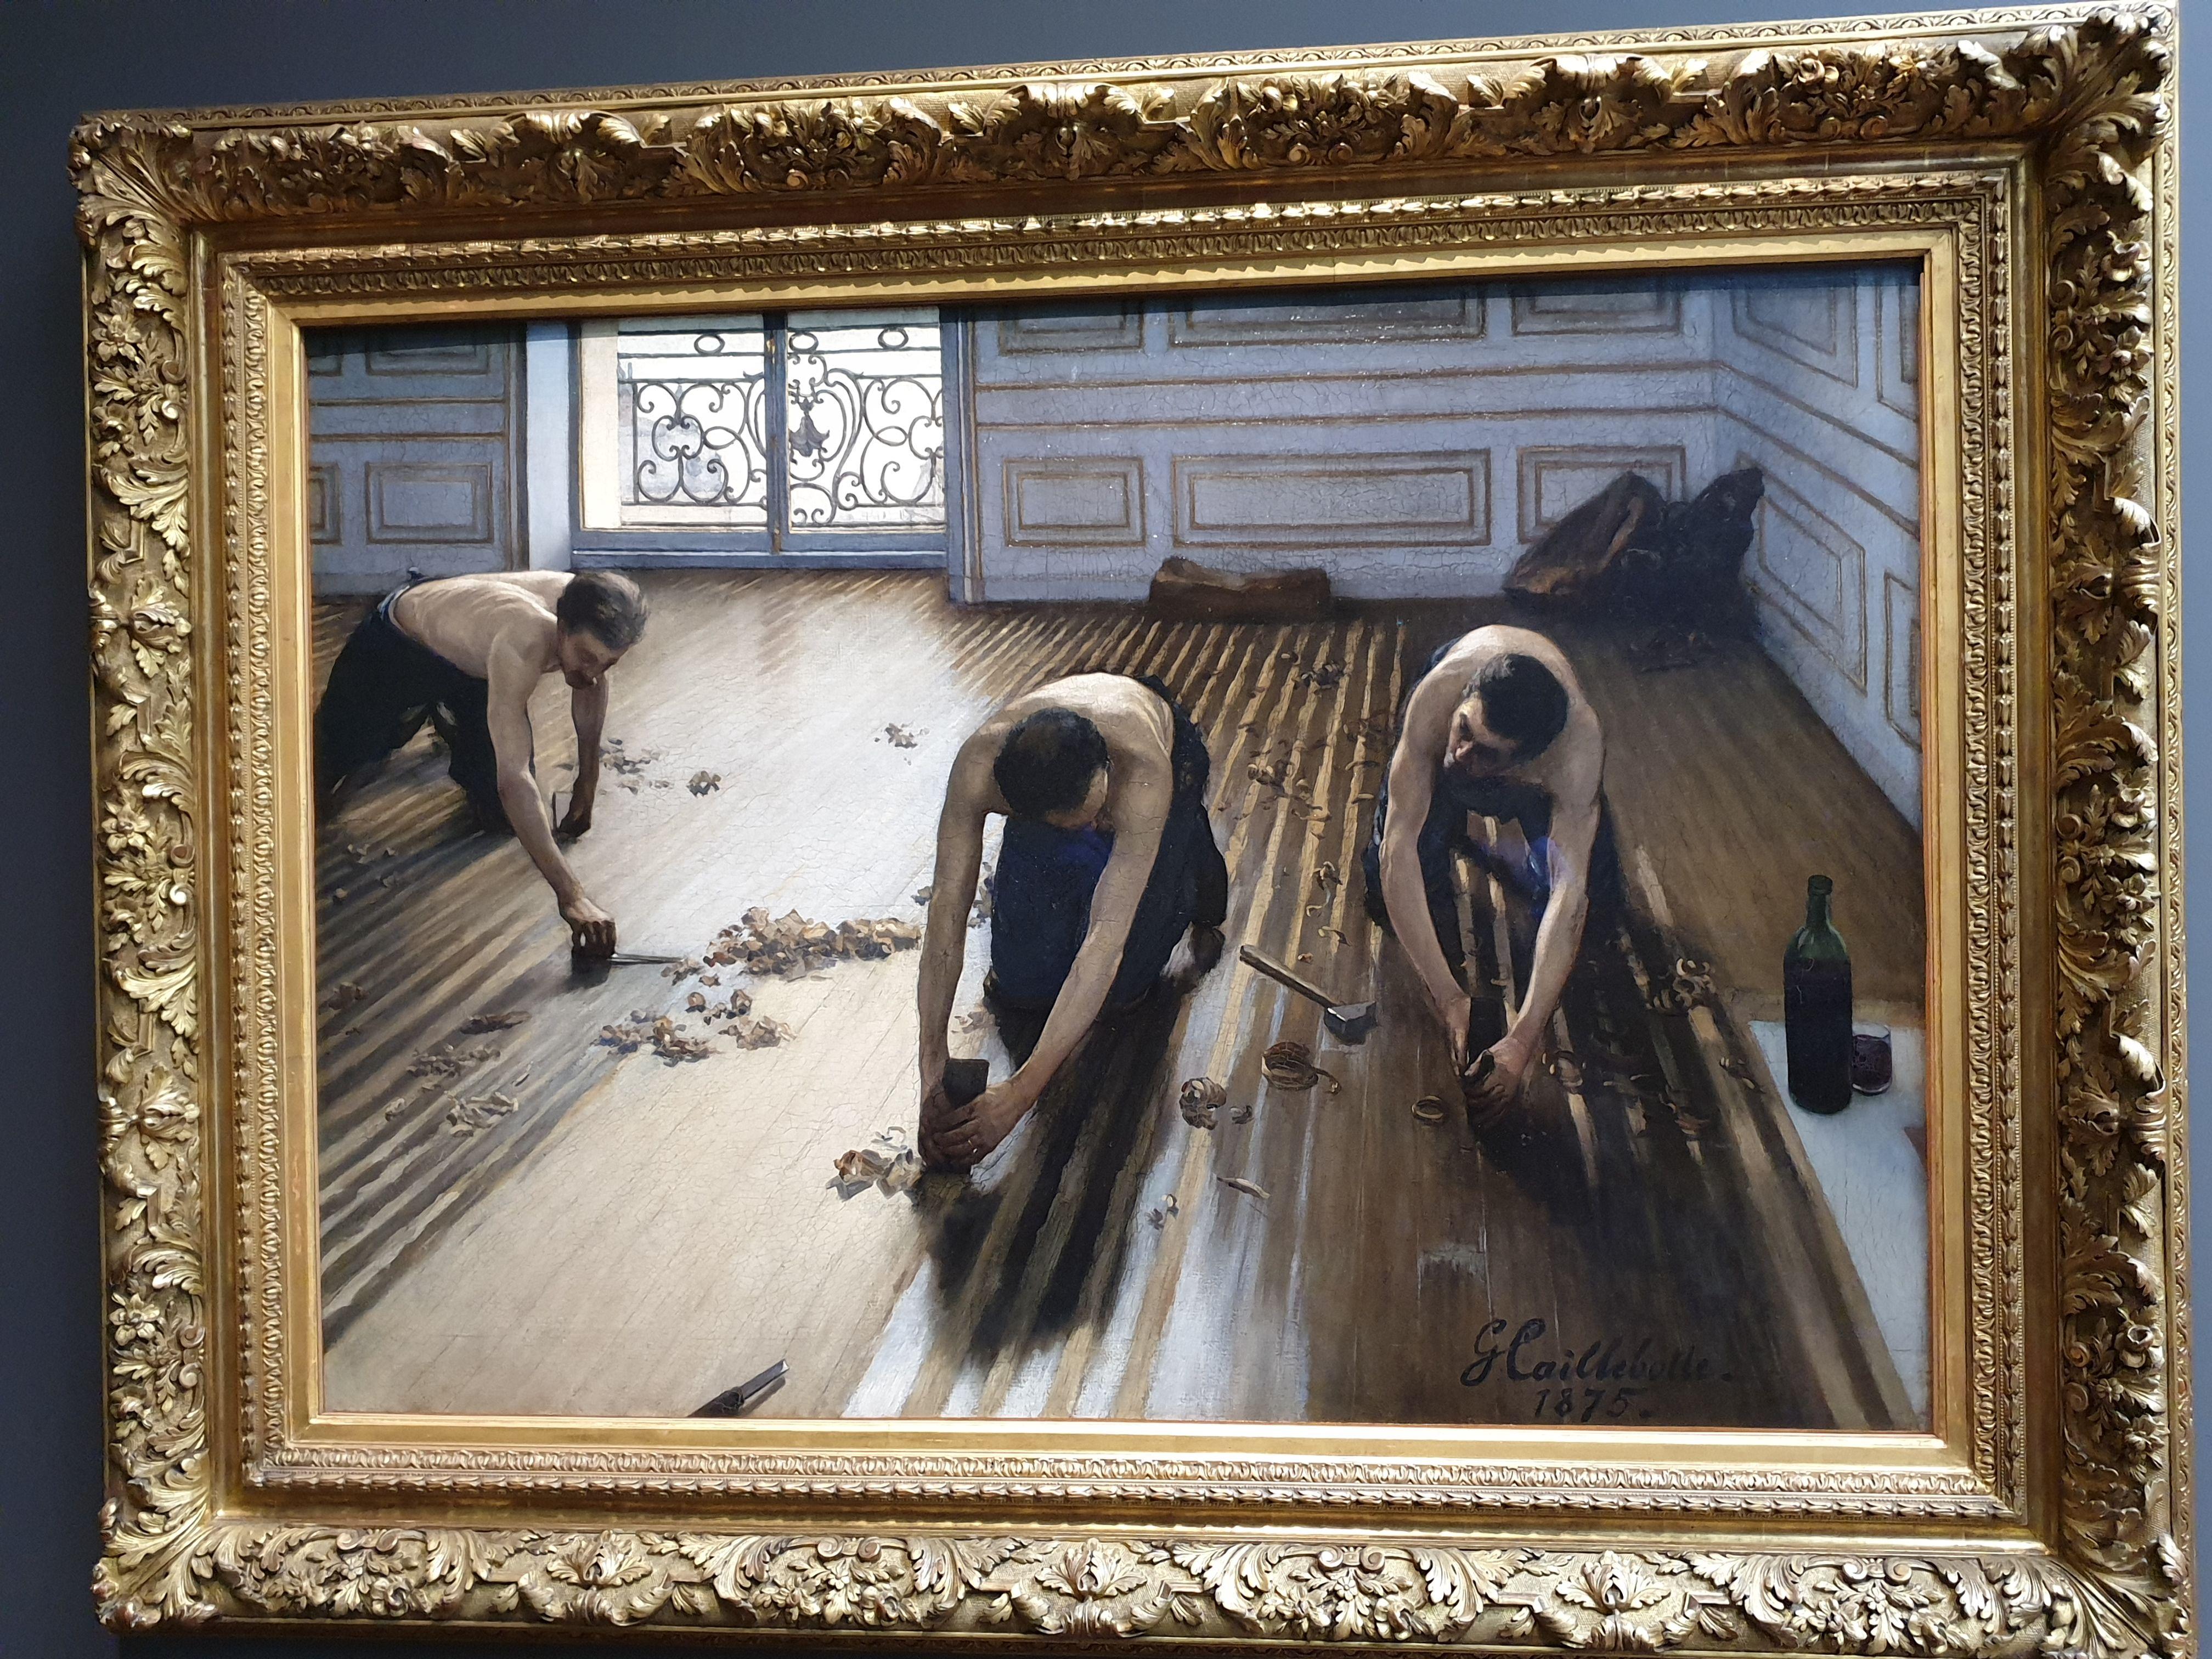 Raboteurs De Parquet Gustave Caillebotte Comment Peindre Les Arts Musee D Orsay